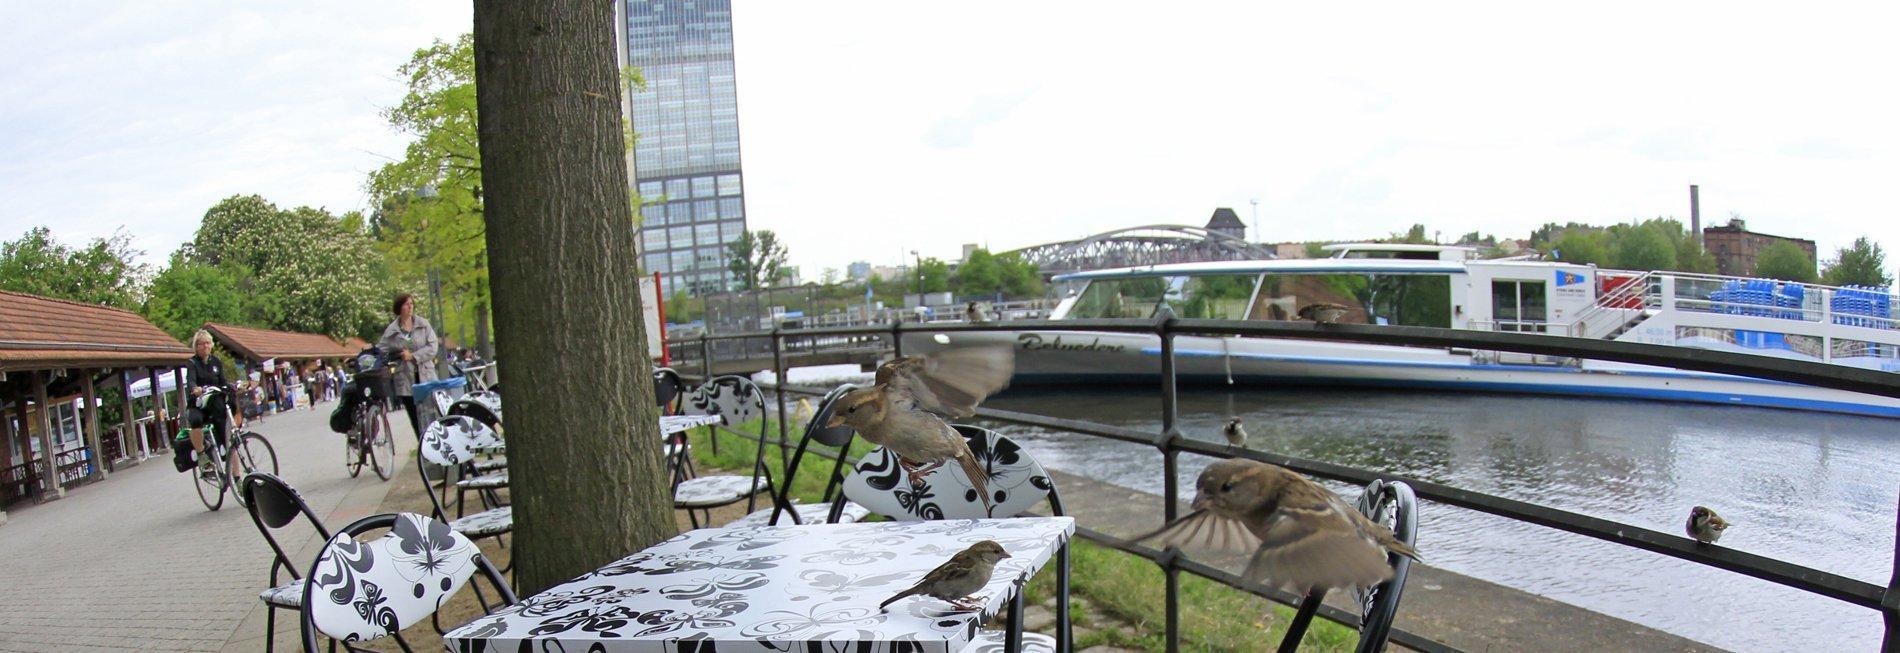 Mehrere kleine Vögel sitzen af Stühlen und an einem gedeckten Restauranttisch, an dem keine Menschen sitzen. Im Hintergrund sieht man einen Fluss und einen Weg mit einigen Personen.